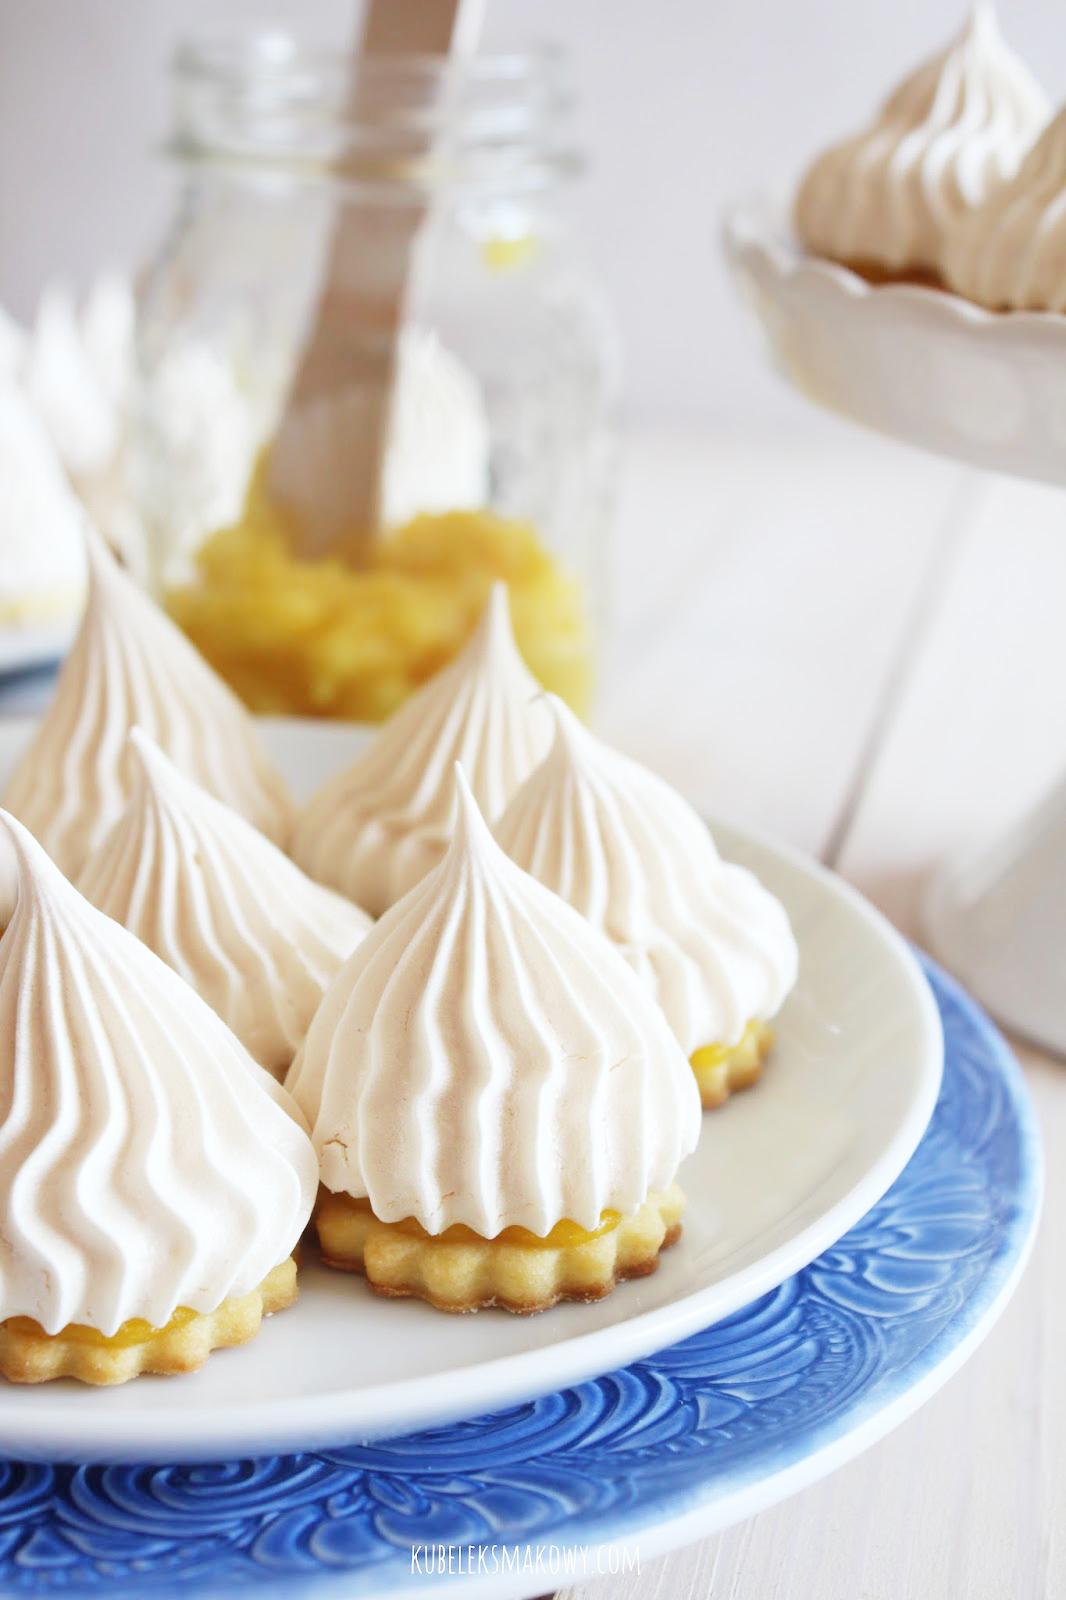 kruche ciastka z bezą i lemon curd